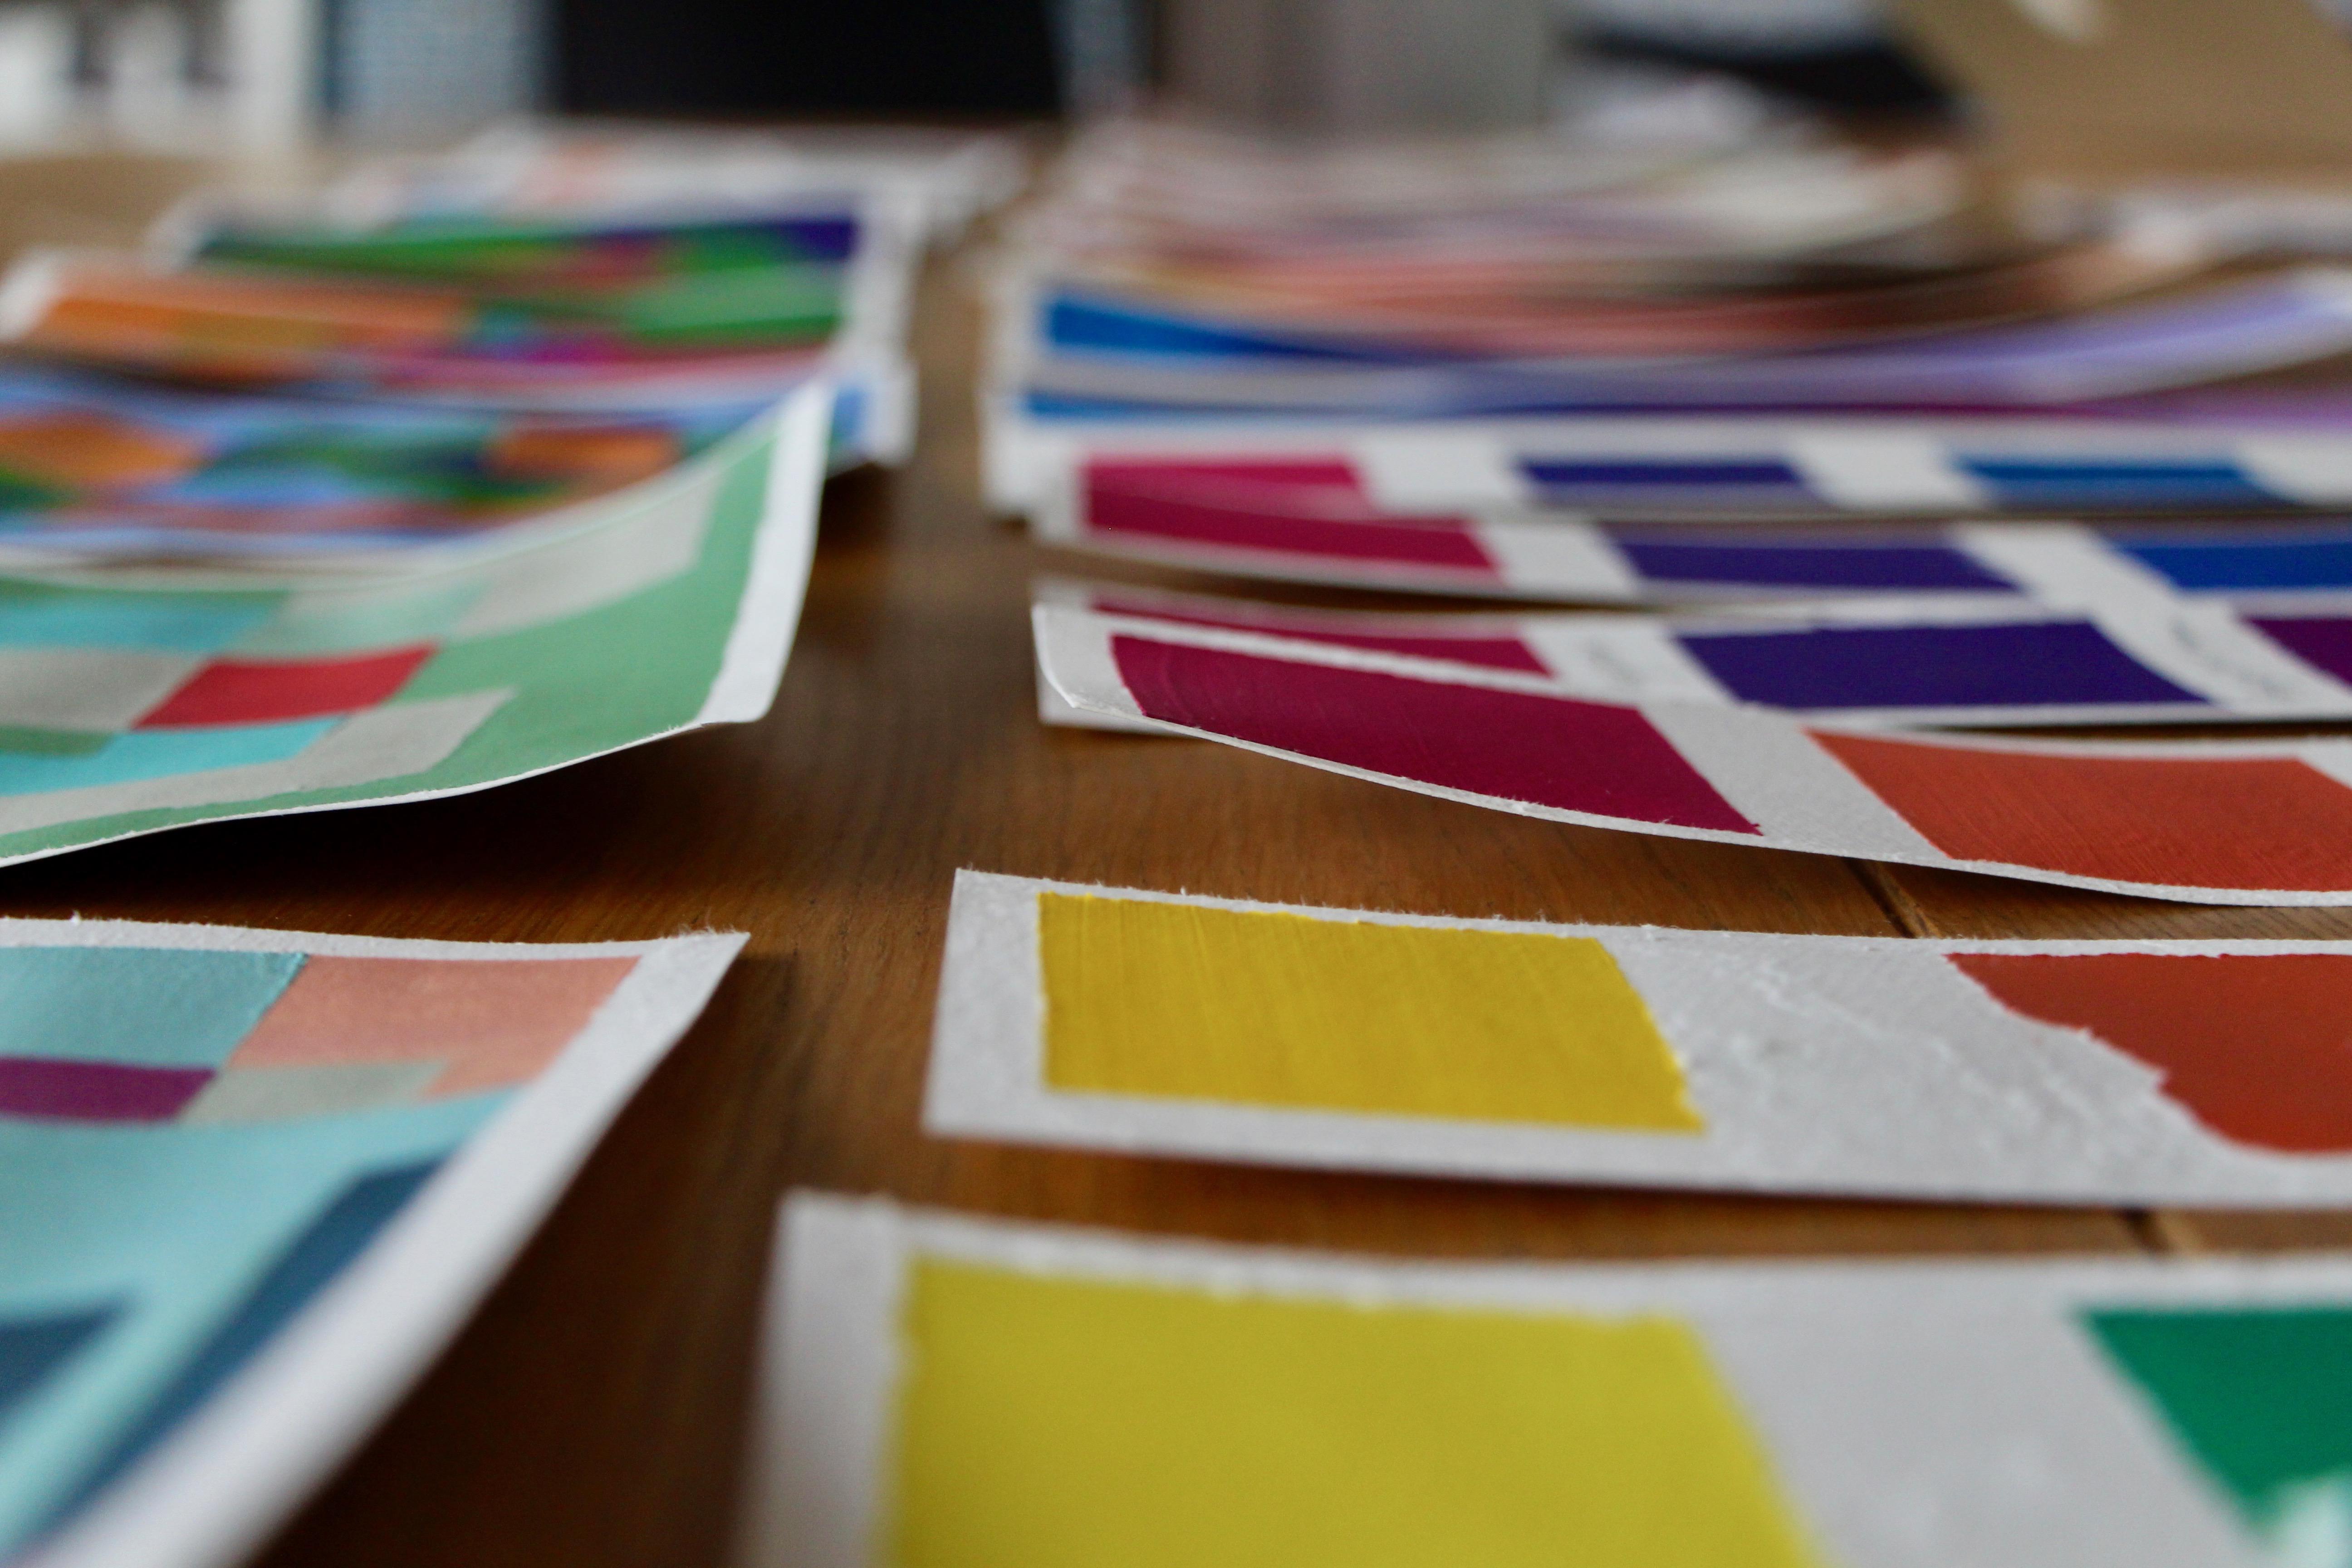 Analyse des couleurs © Eugénie Rousak